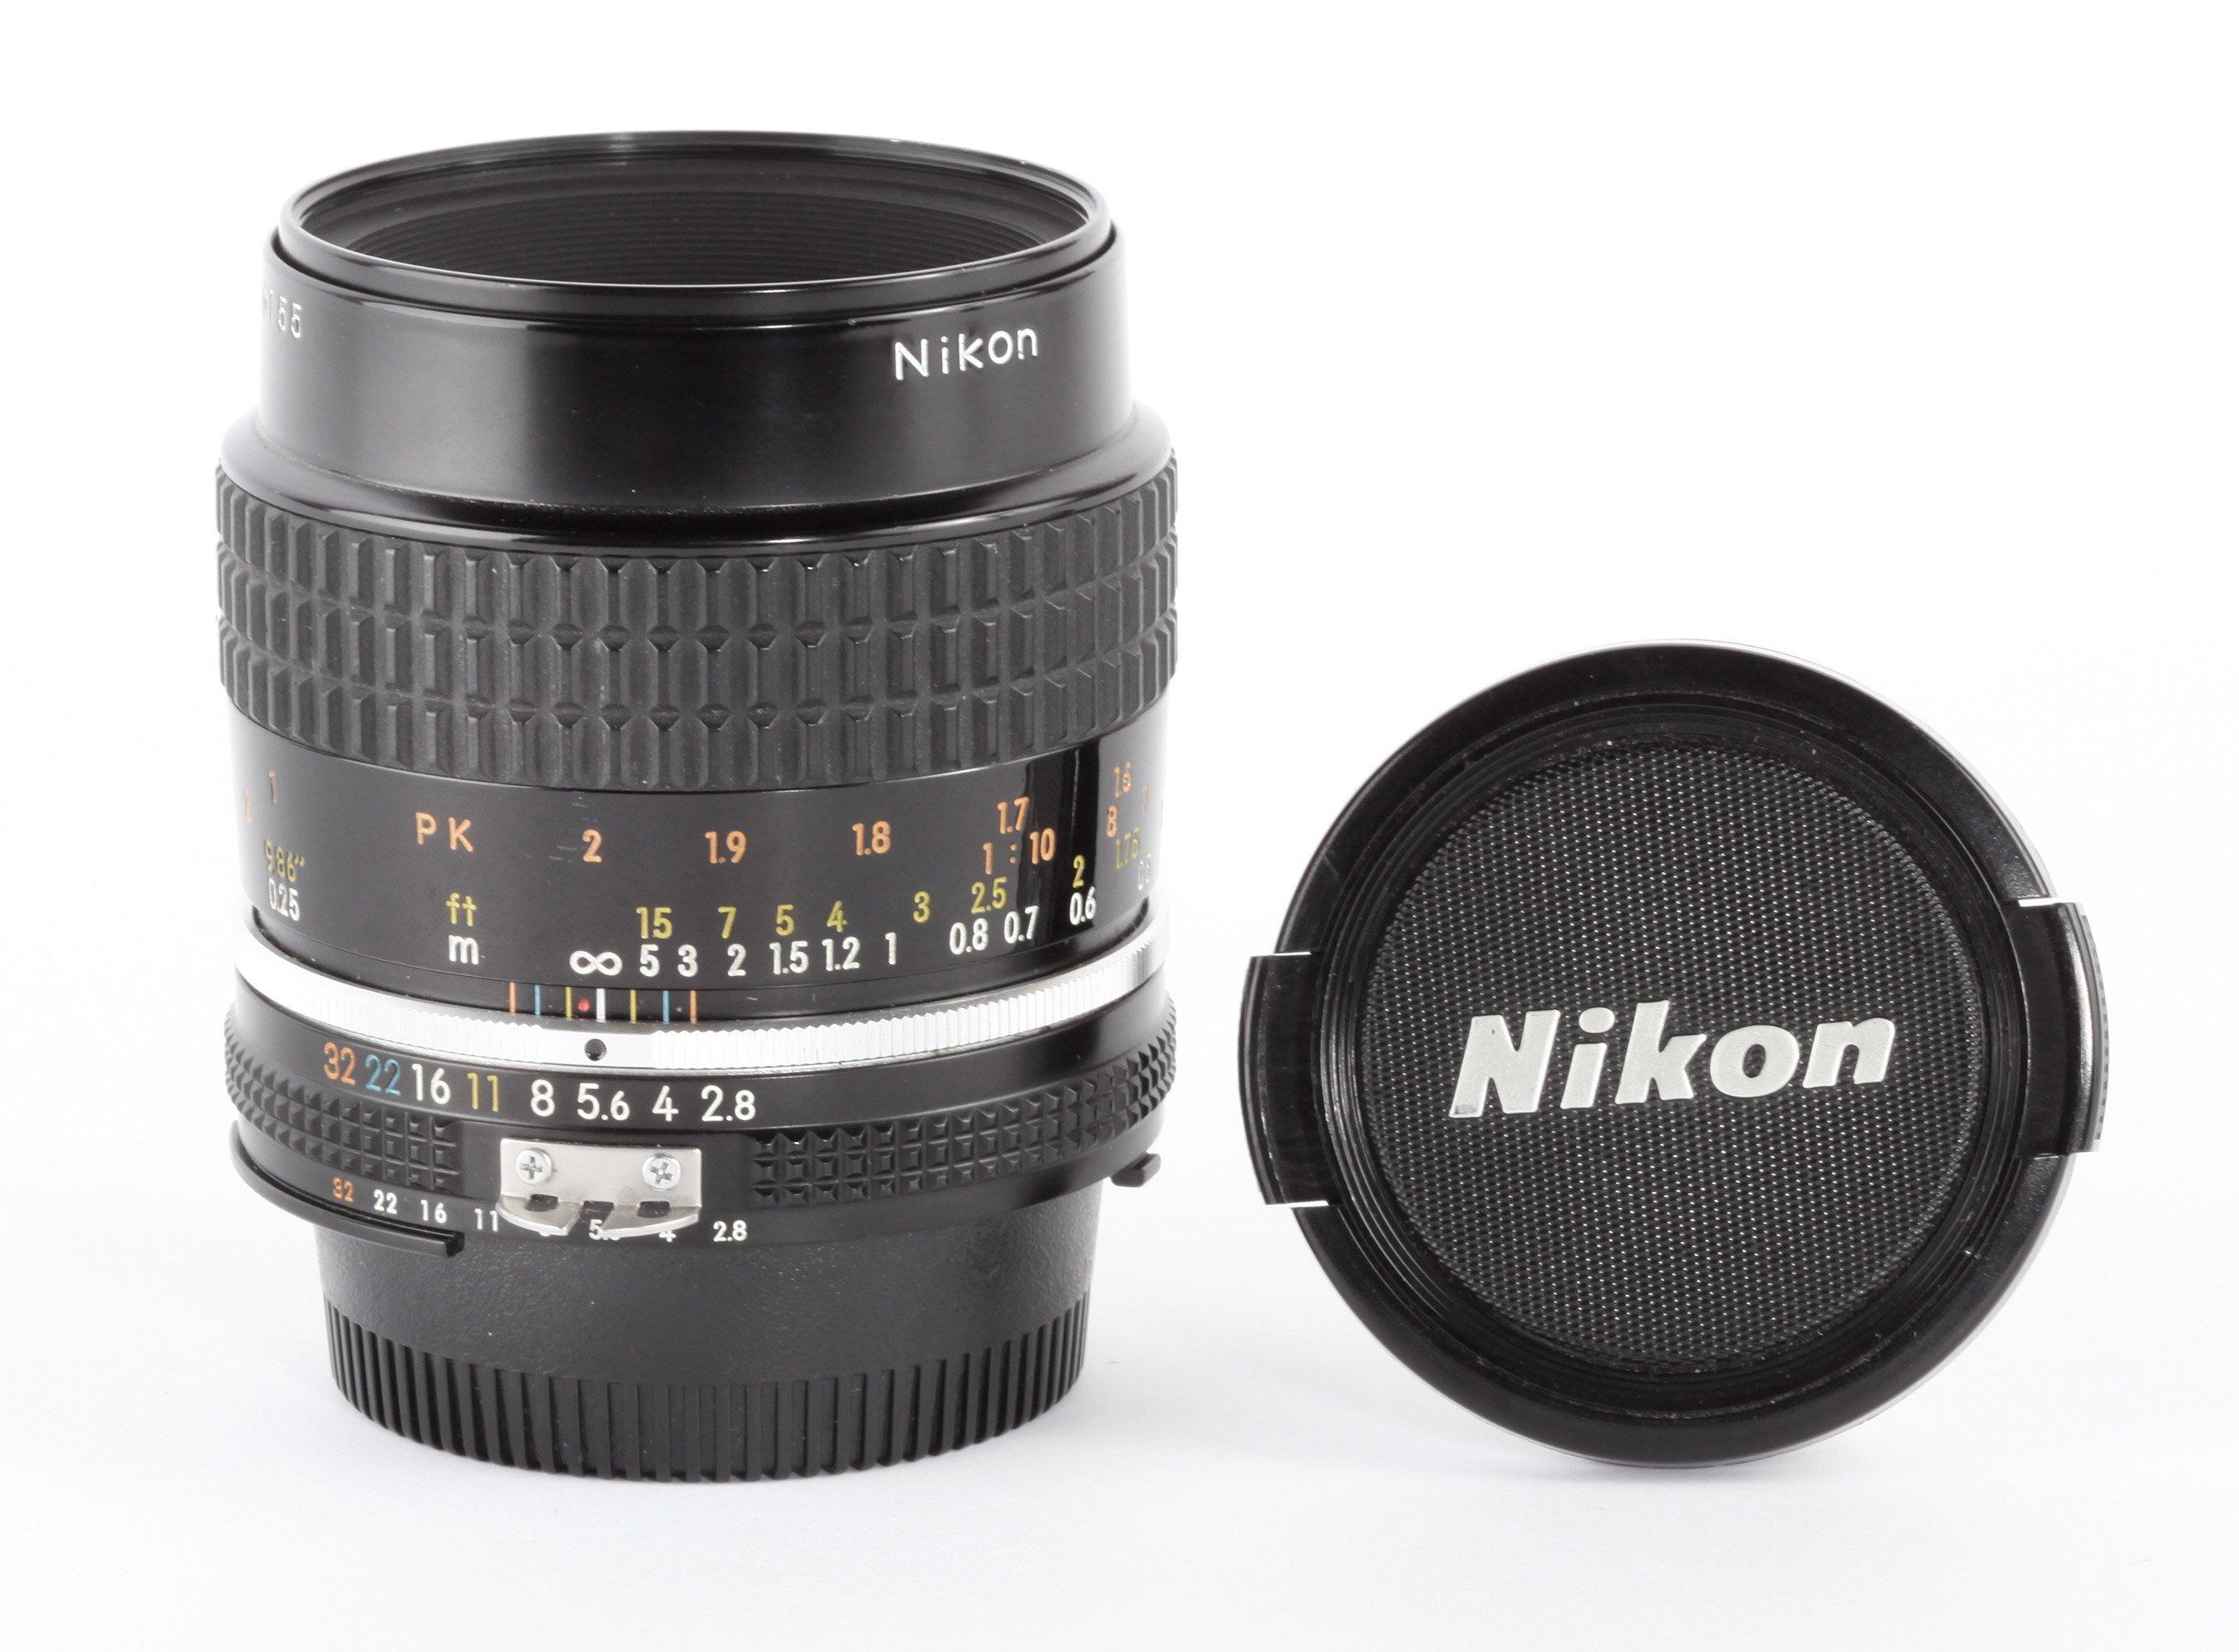 Nikon Micro-Nikkor 2,8/55mm Ais